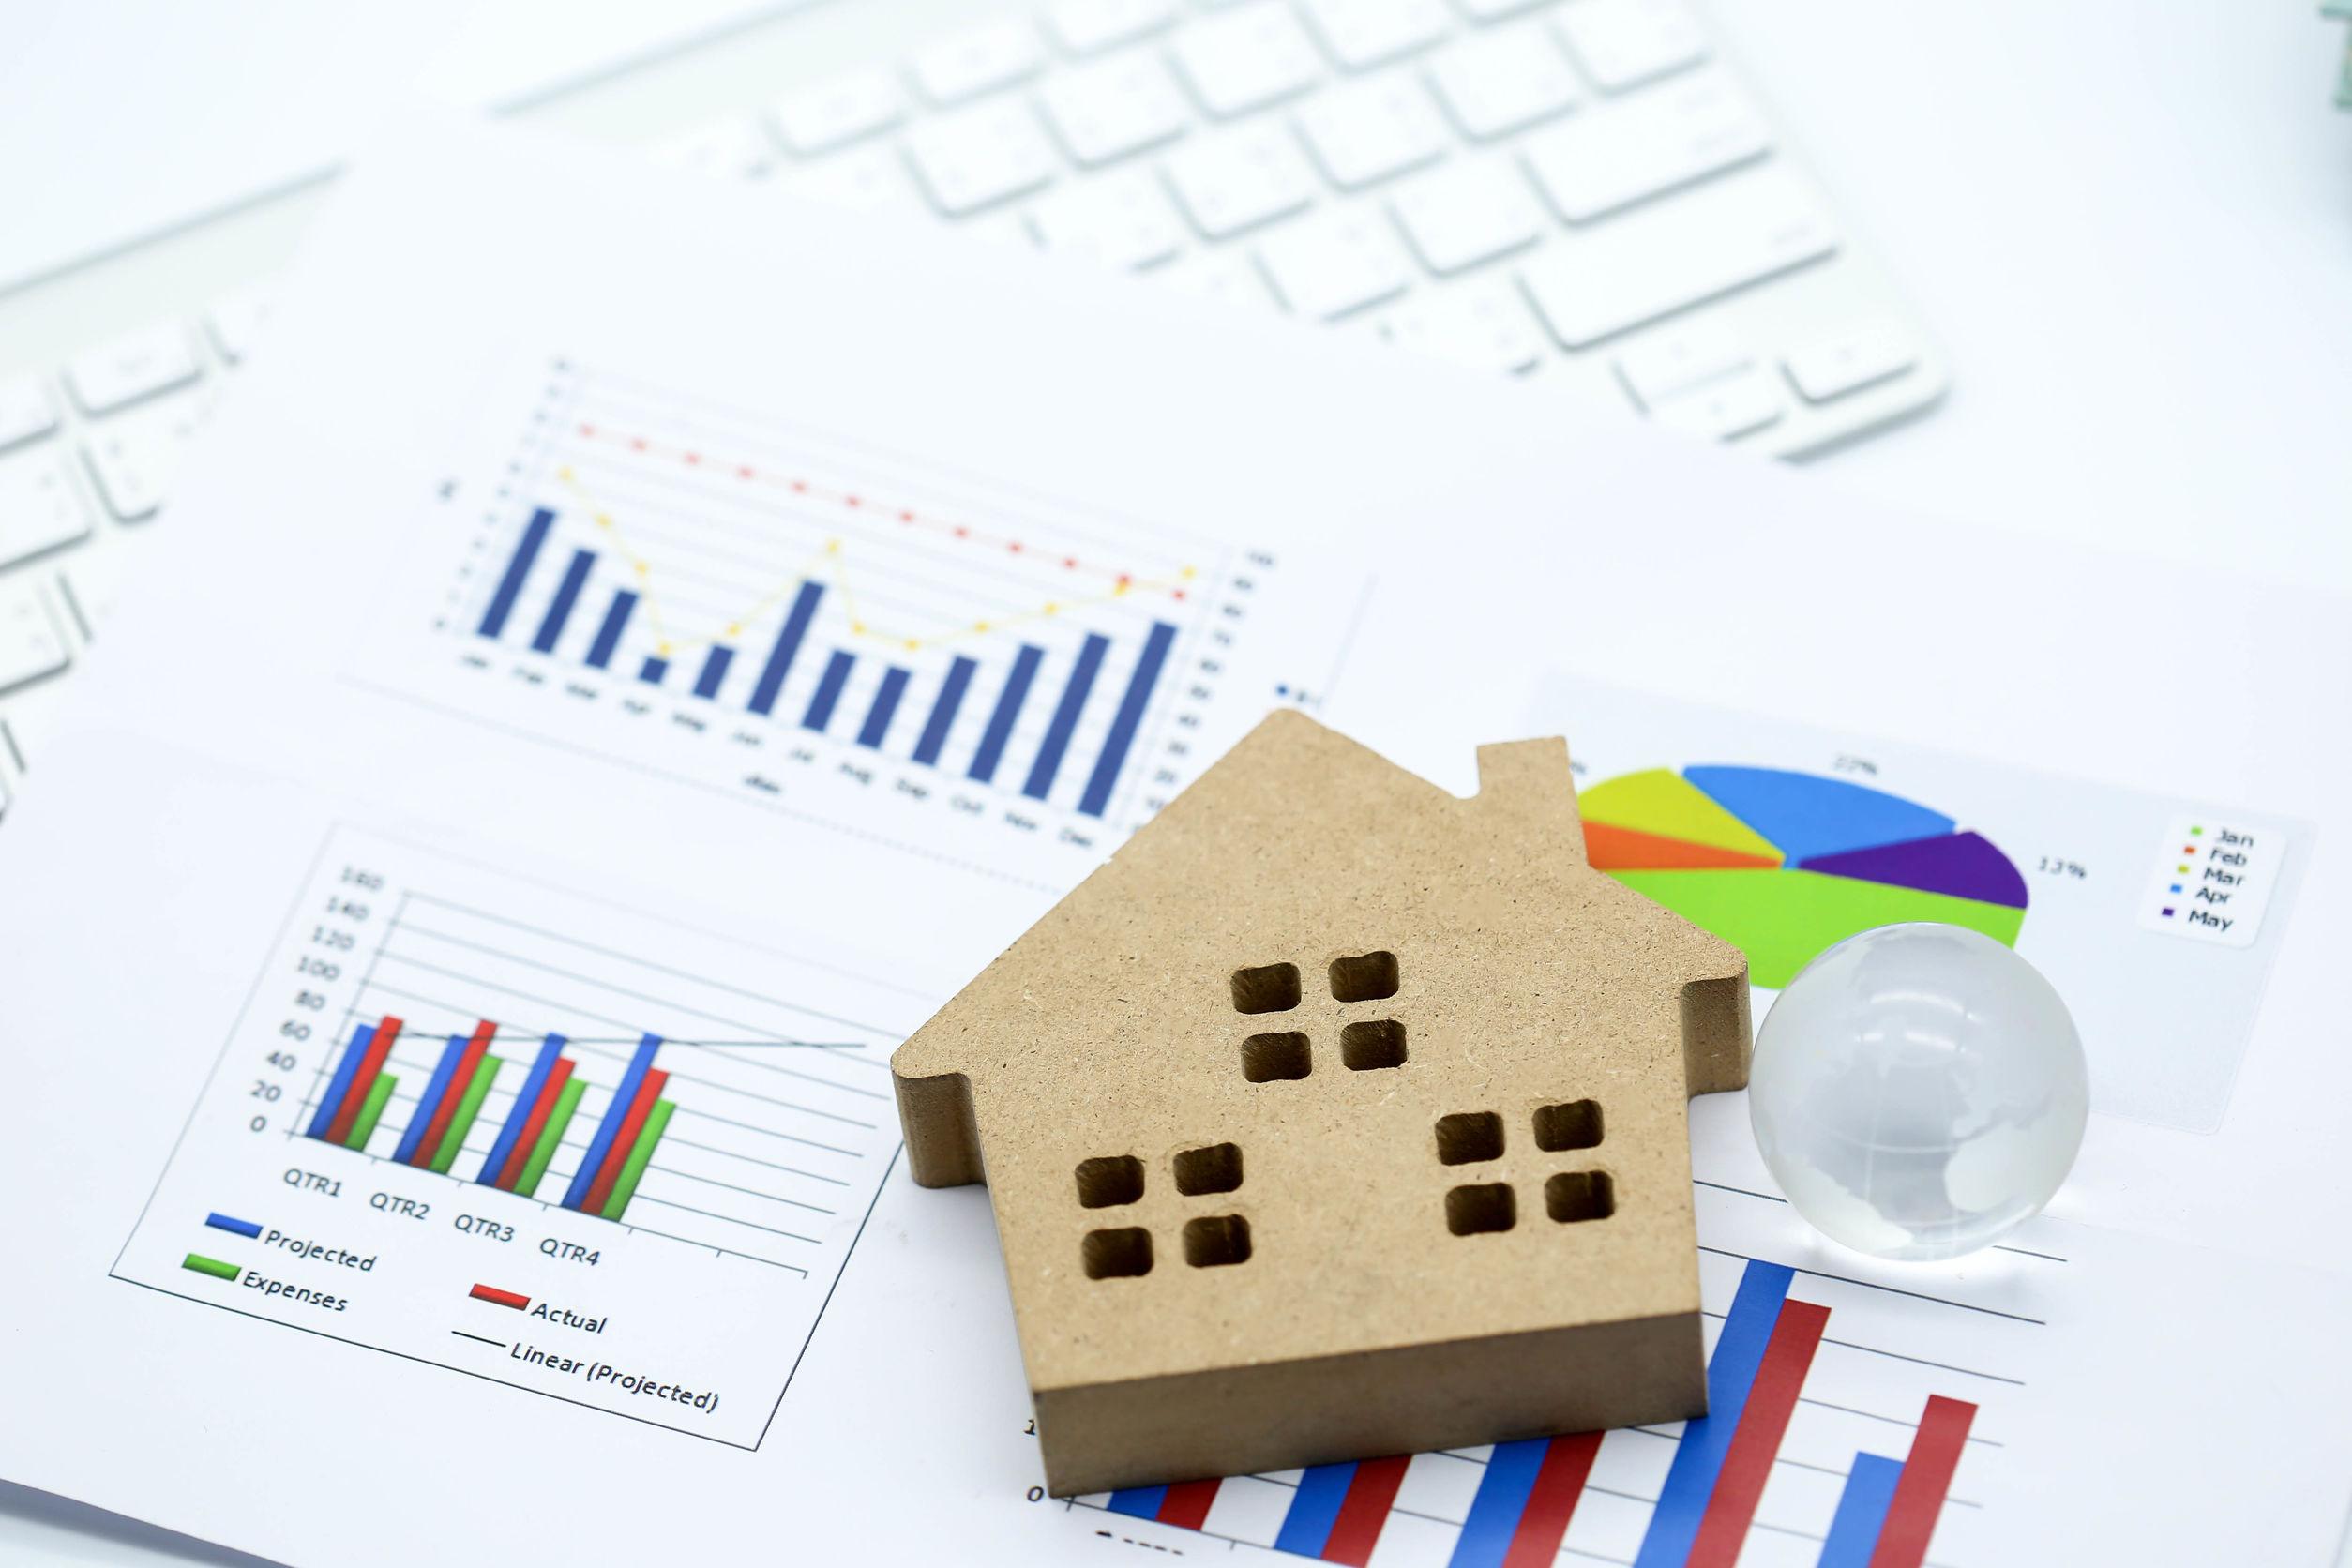 relazione immobili - catasto nazionale- riqualifica imprese_recupero codici fiscali - Informazioni di valore